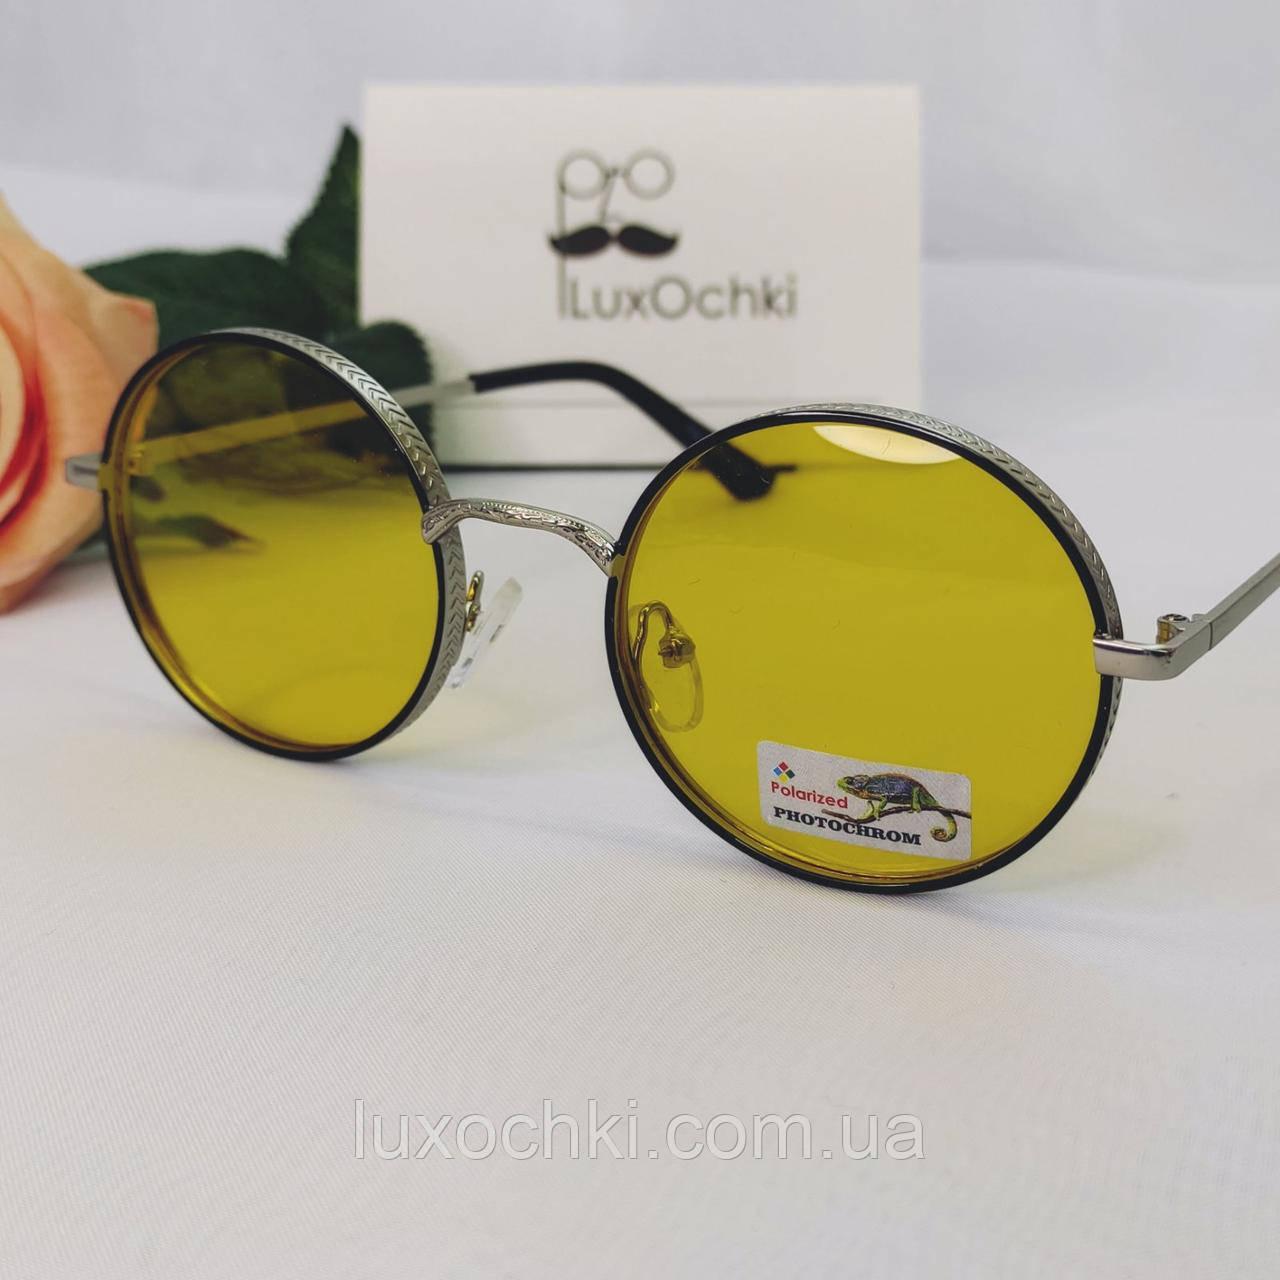 Ексклюзивні круглі поляризовані фотохромні(хамелеон) окуляри з жовтою лінзою